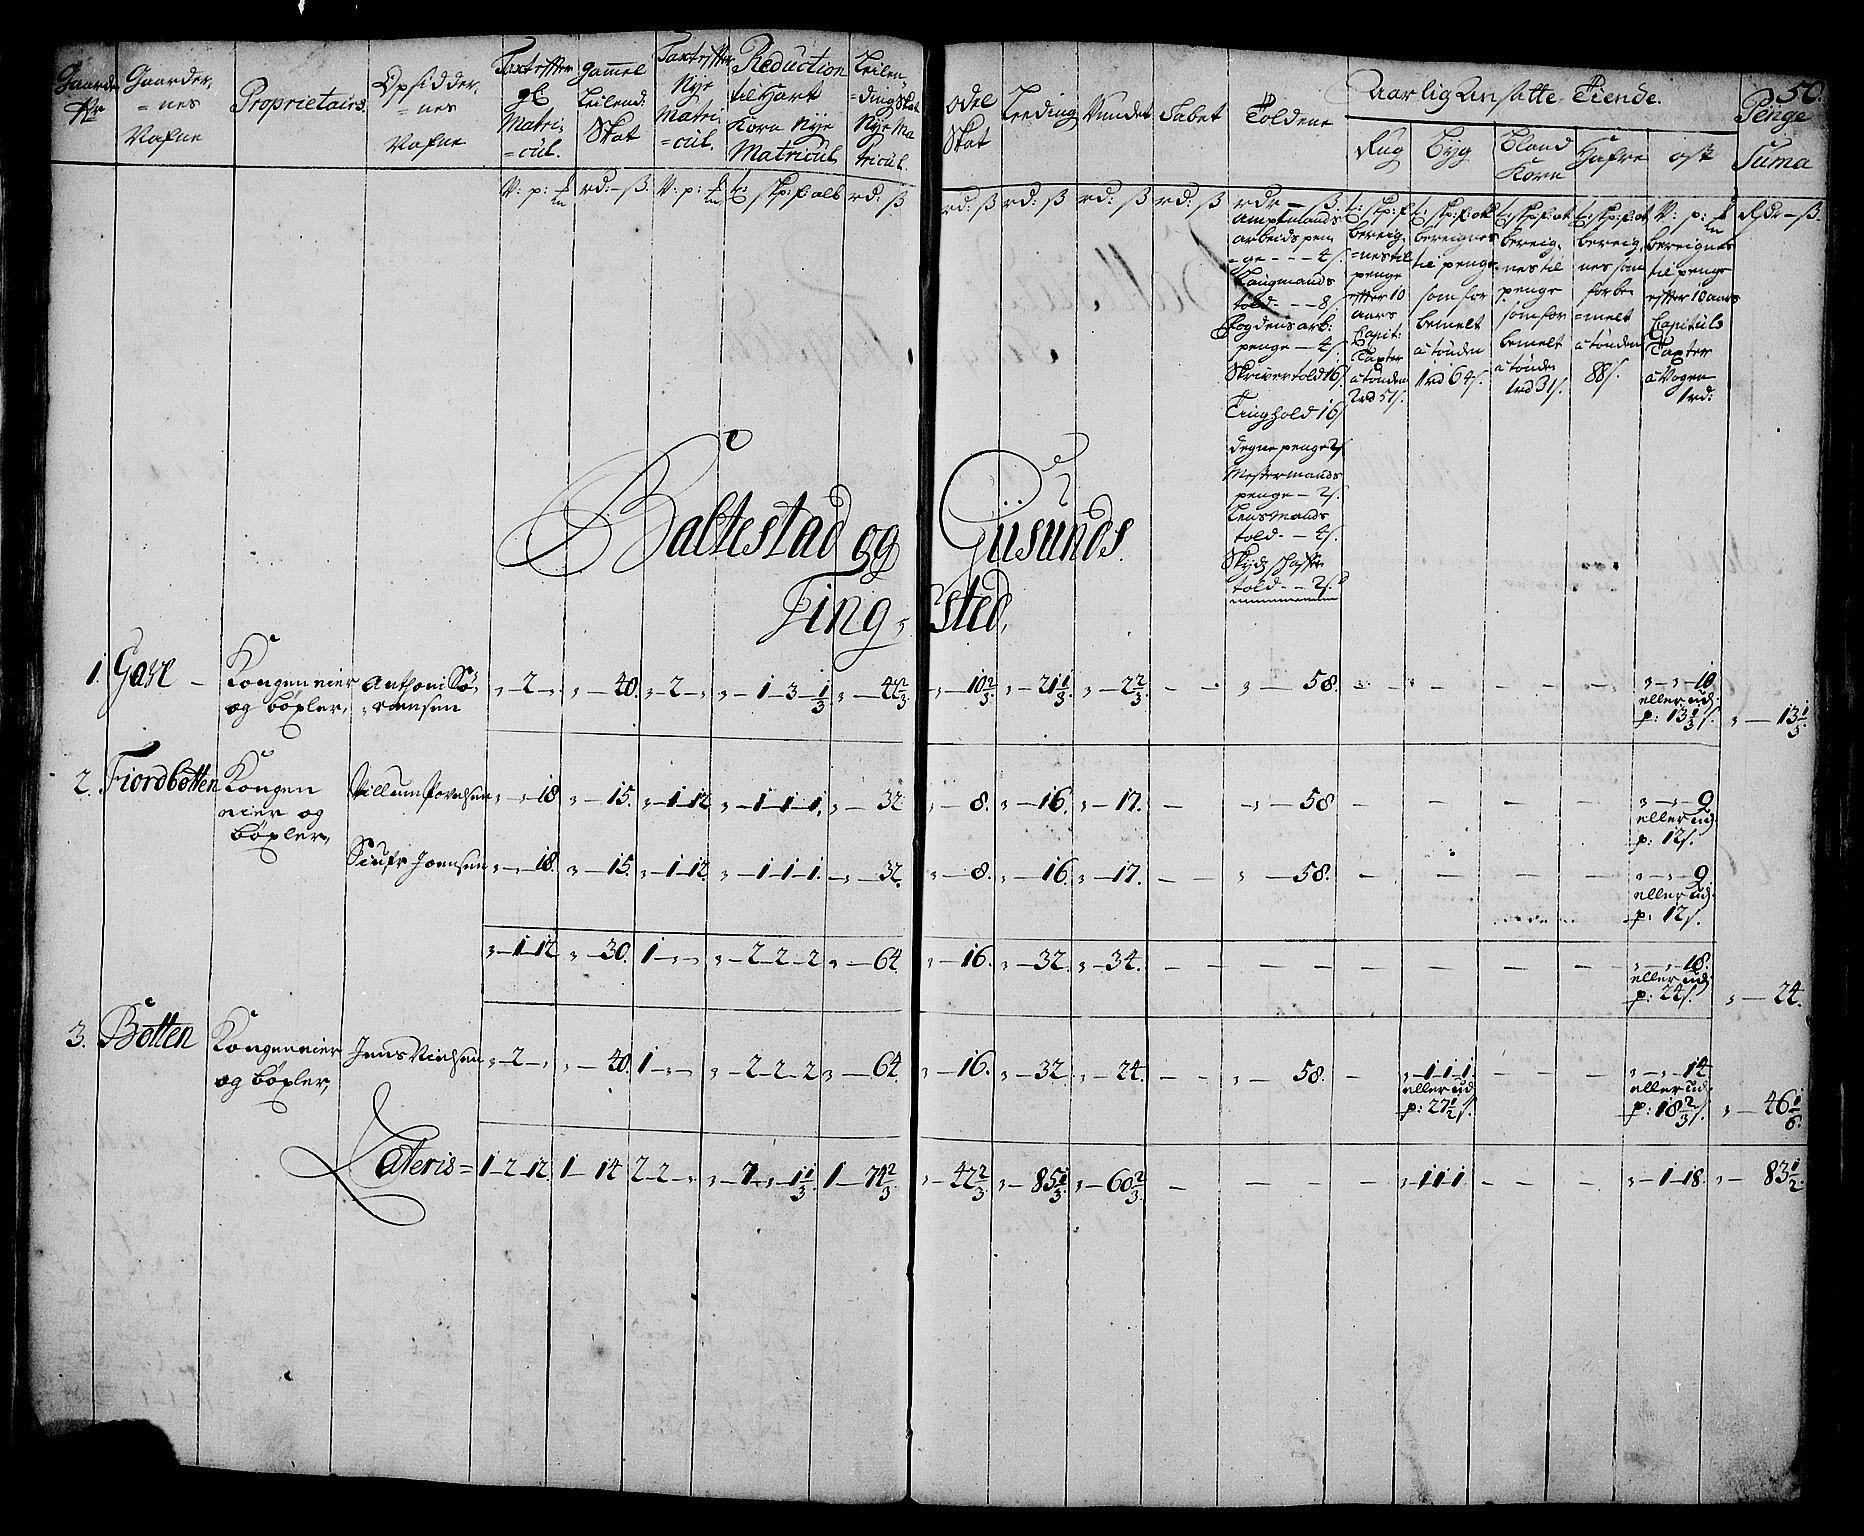 RA, Rentekammeret inntil 1814, Realistisk ordnet avdeling, N/Nb/Nbf/L0179: Senja matrikkelprotokoll, 1723, s. 49b-50a